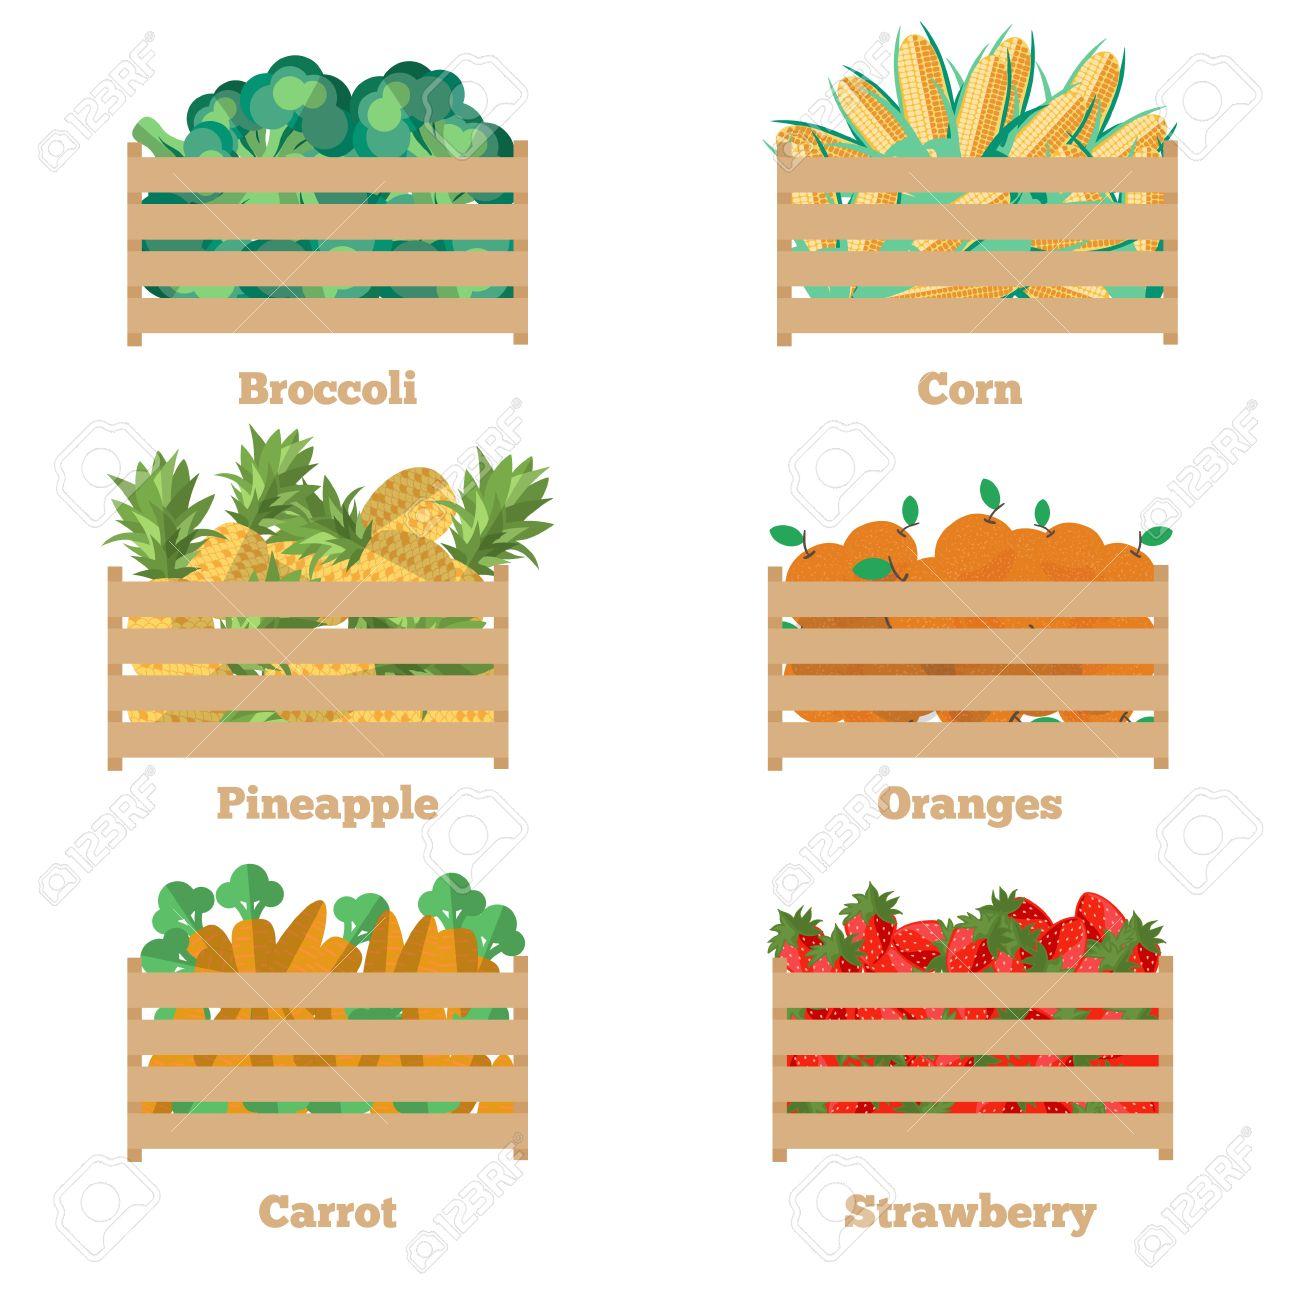 Holzkiste Mit Obst Und Gemüse. Vektor-Illustration Der Ernte ...